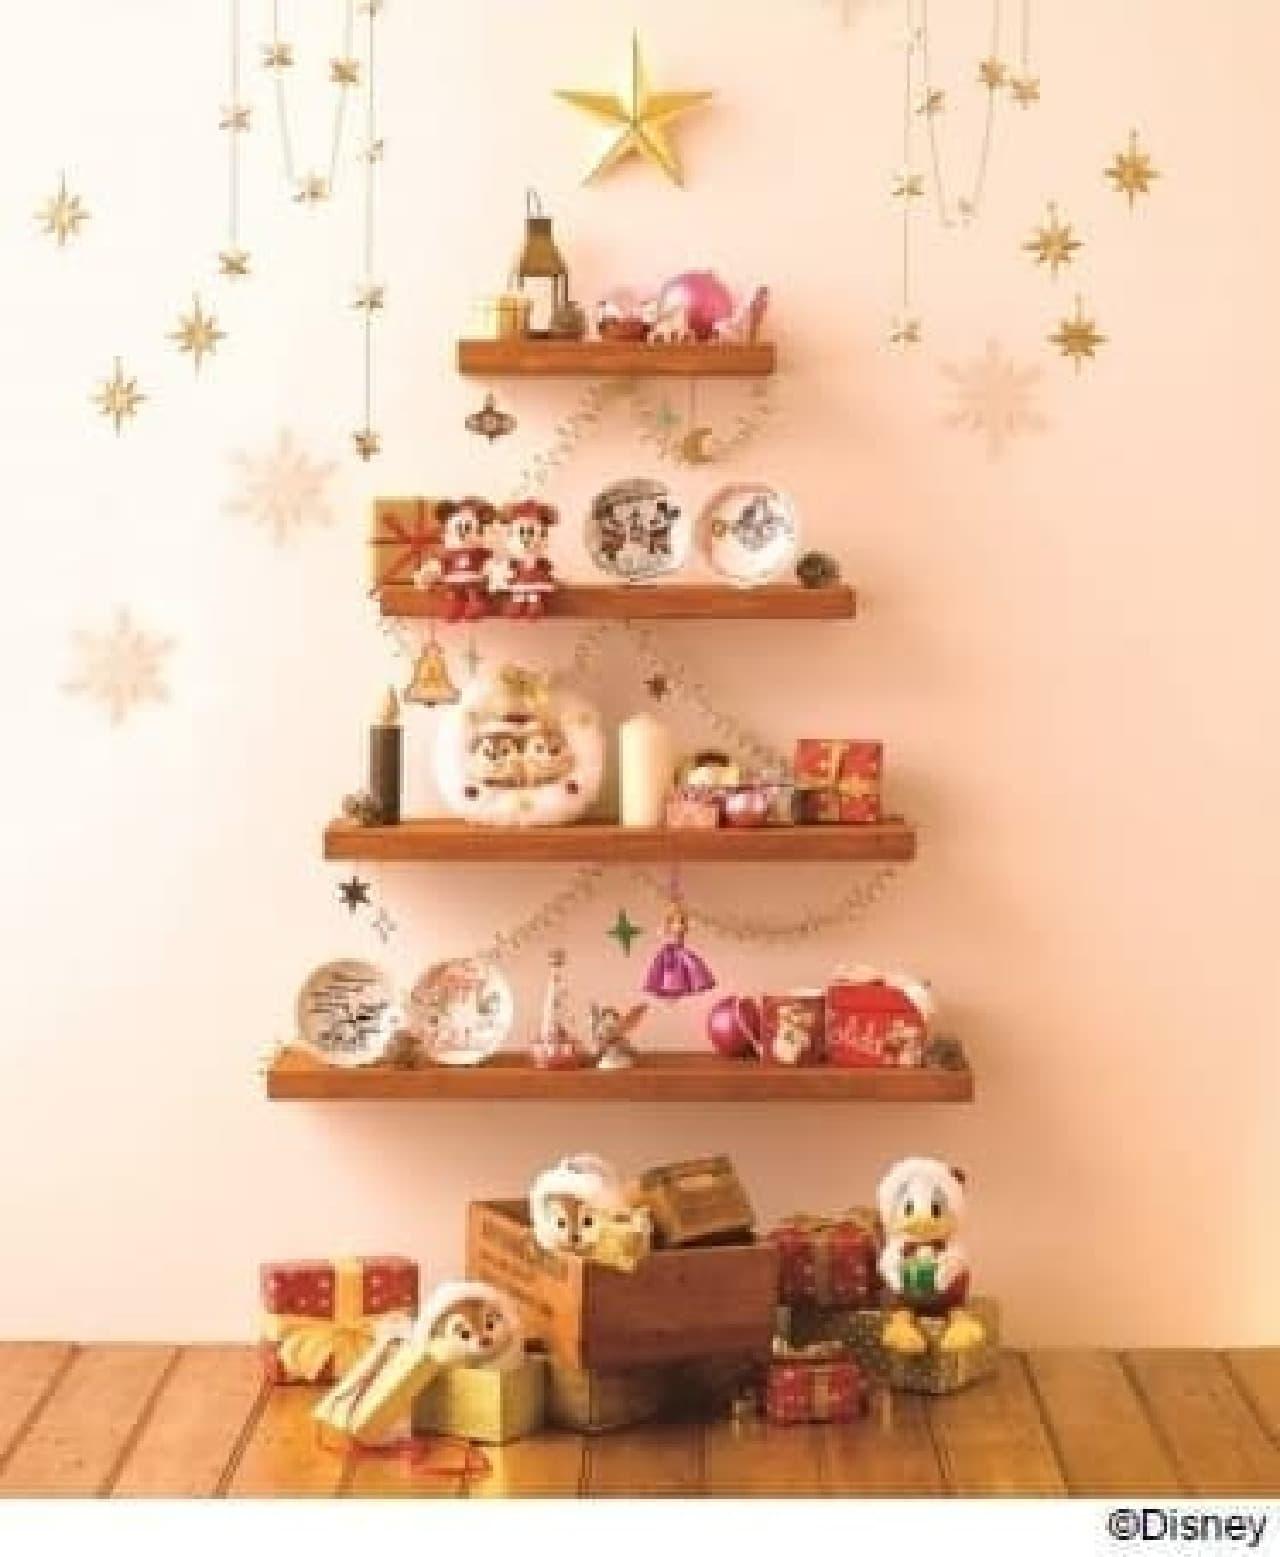 ミッキーたちと素敵なクリスマスを